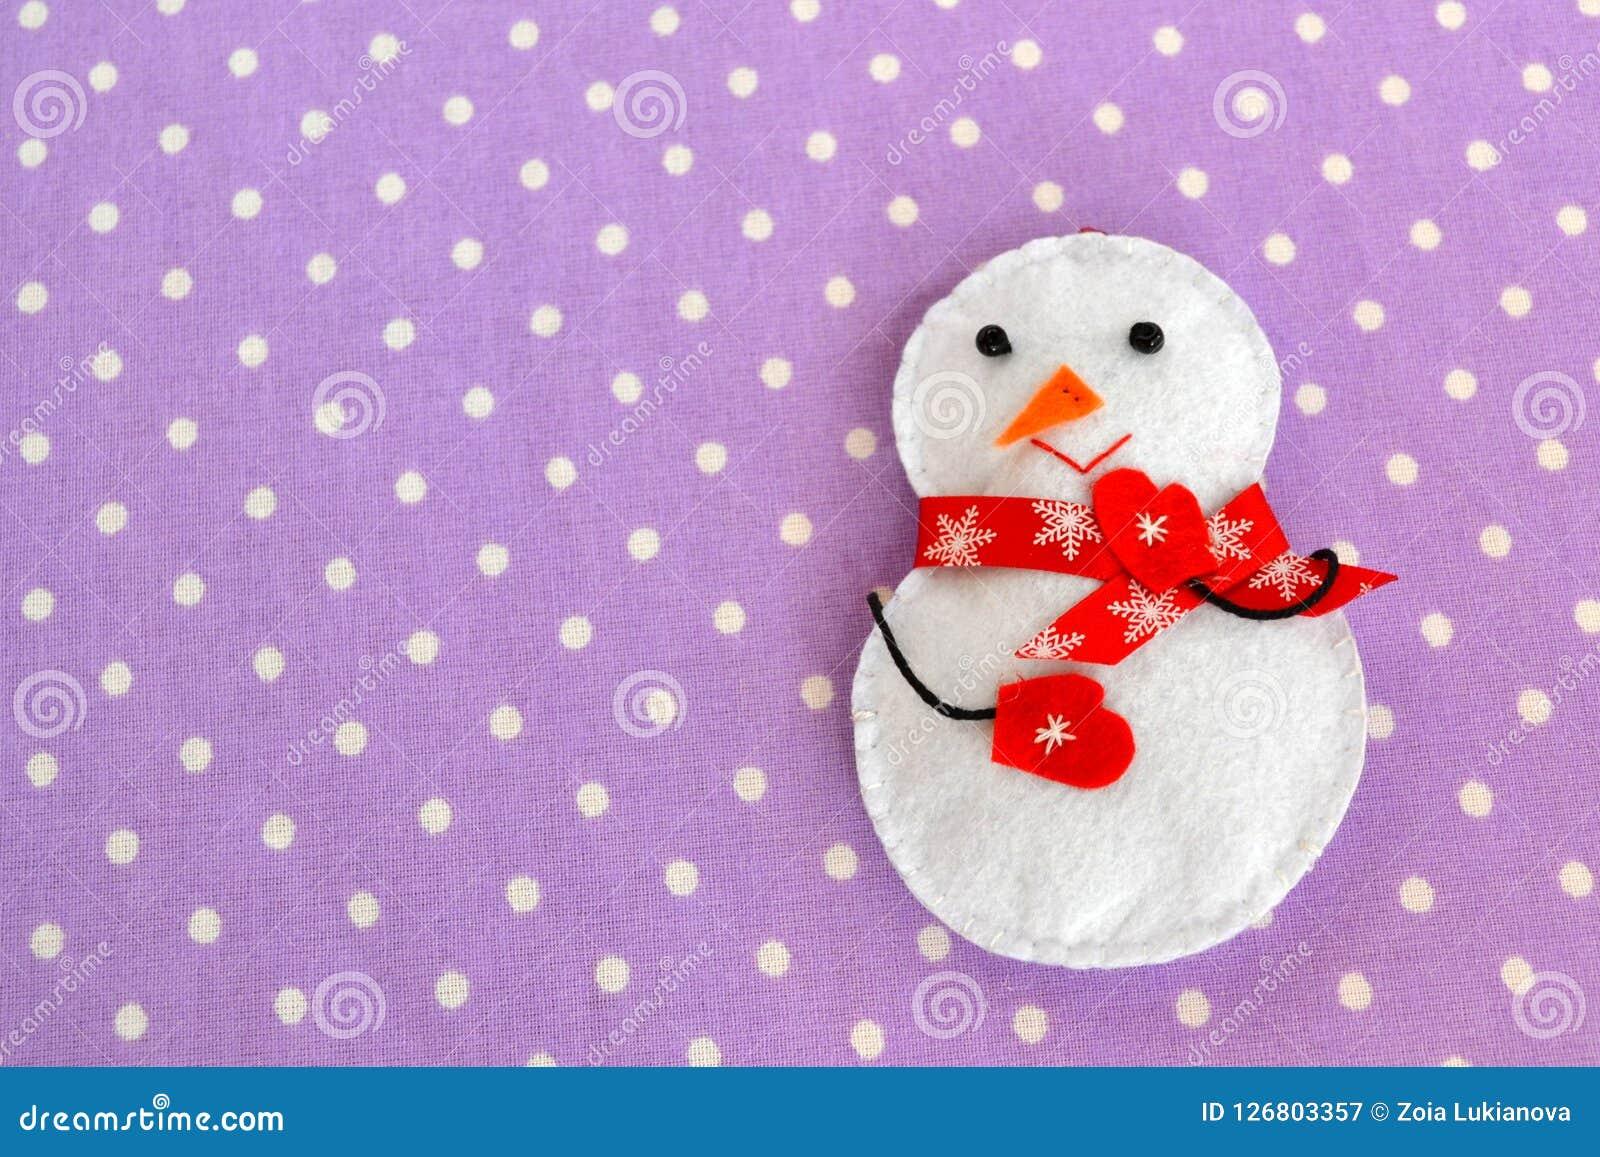 Handgemachtes Filz Weihnachtsschneemannspielzeug Selbst gemachtes Filzhandwerk